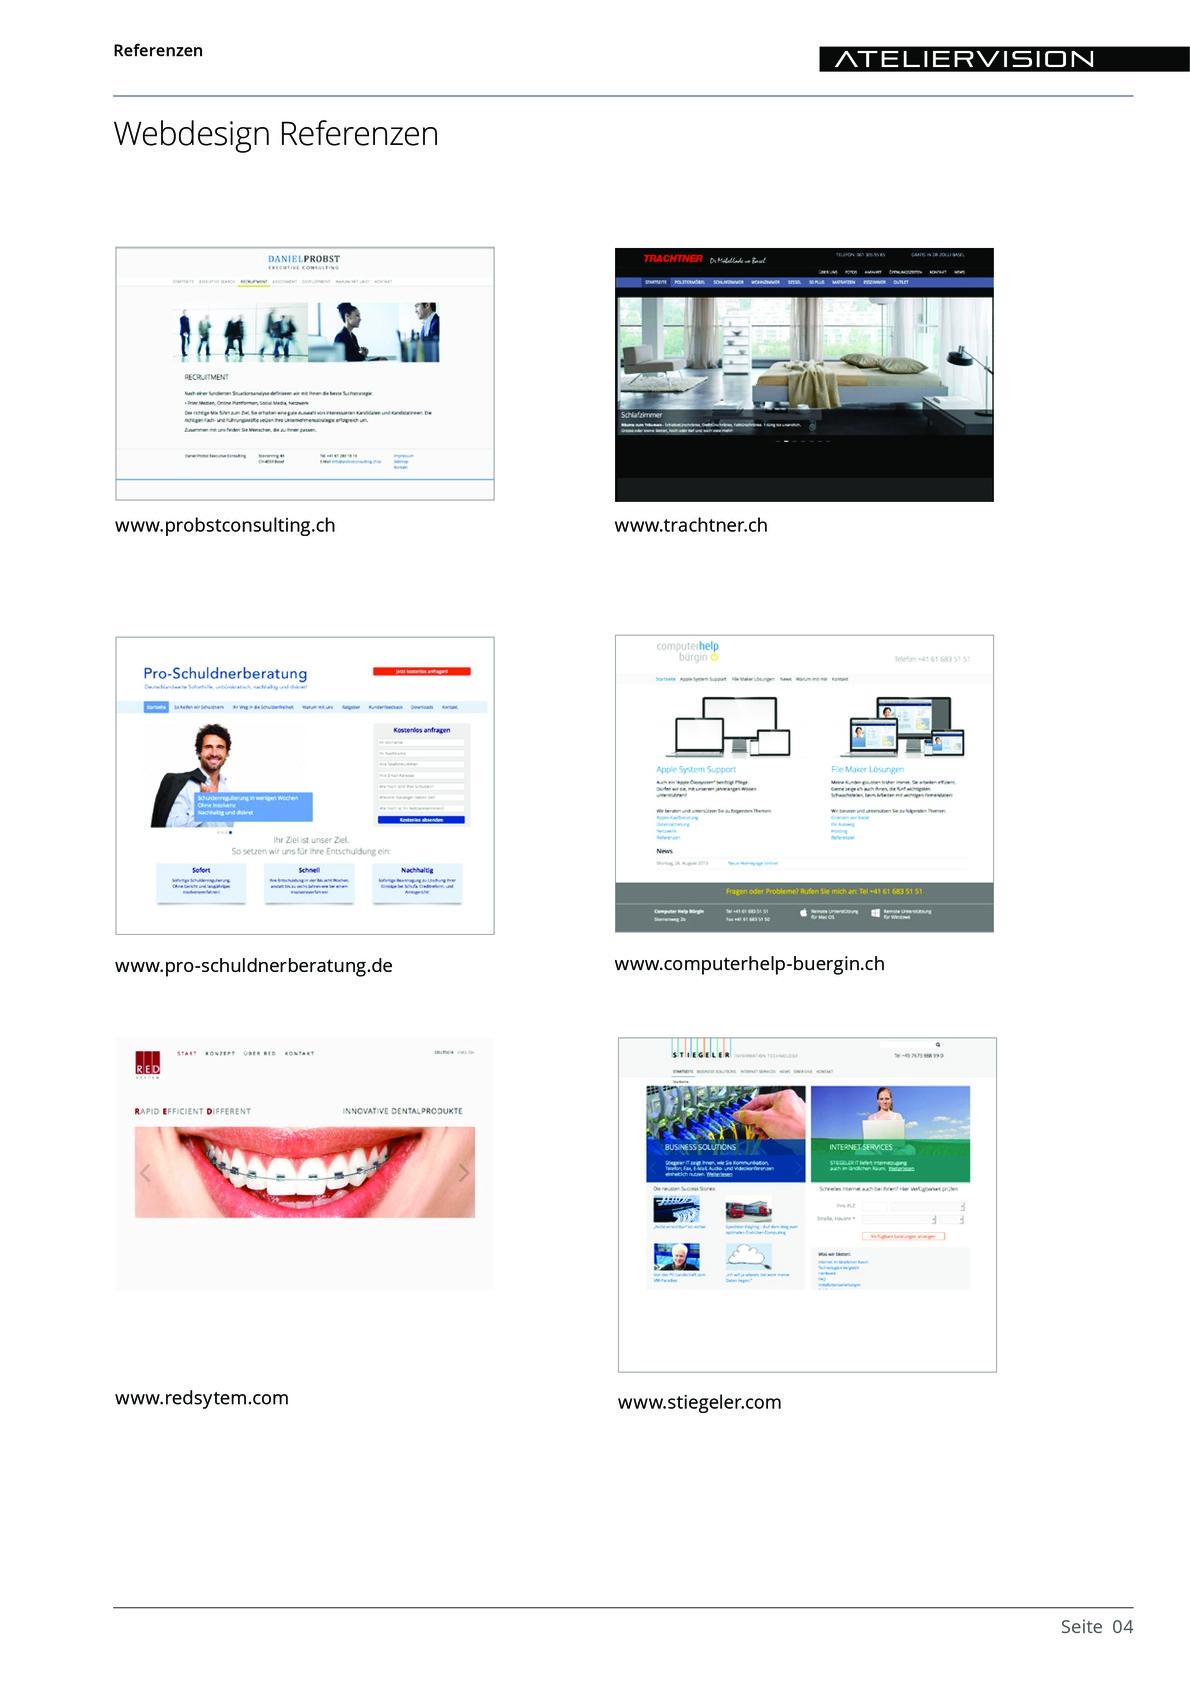 ATELIERVISION Referenzen aus PDF Datei Overview 4